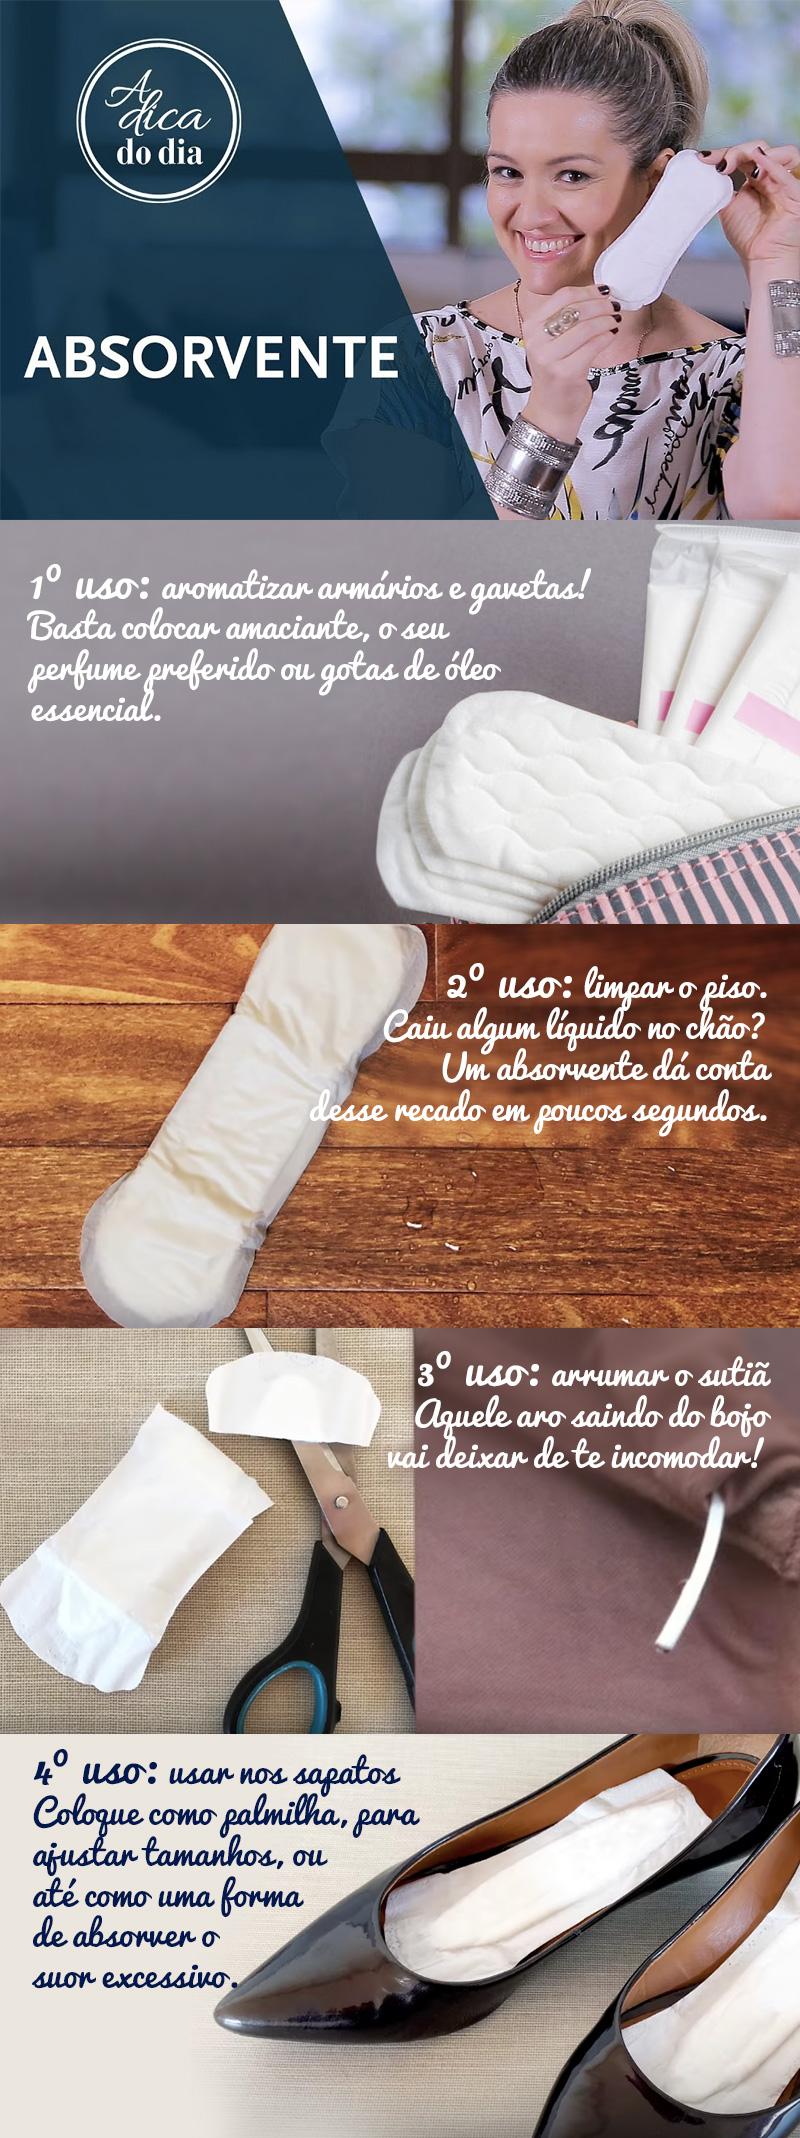 4 dicas para usar seu absorvente que ninguém te contou